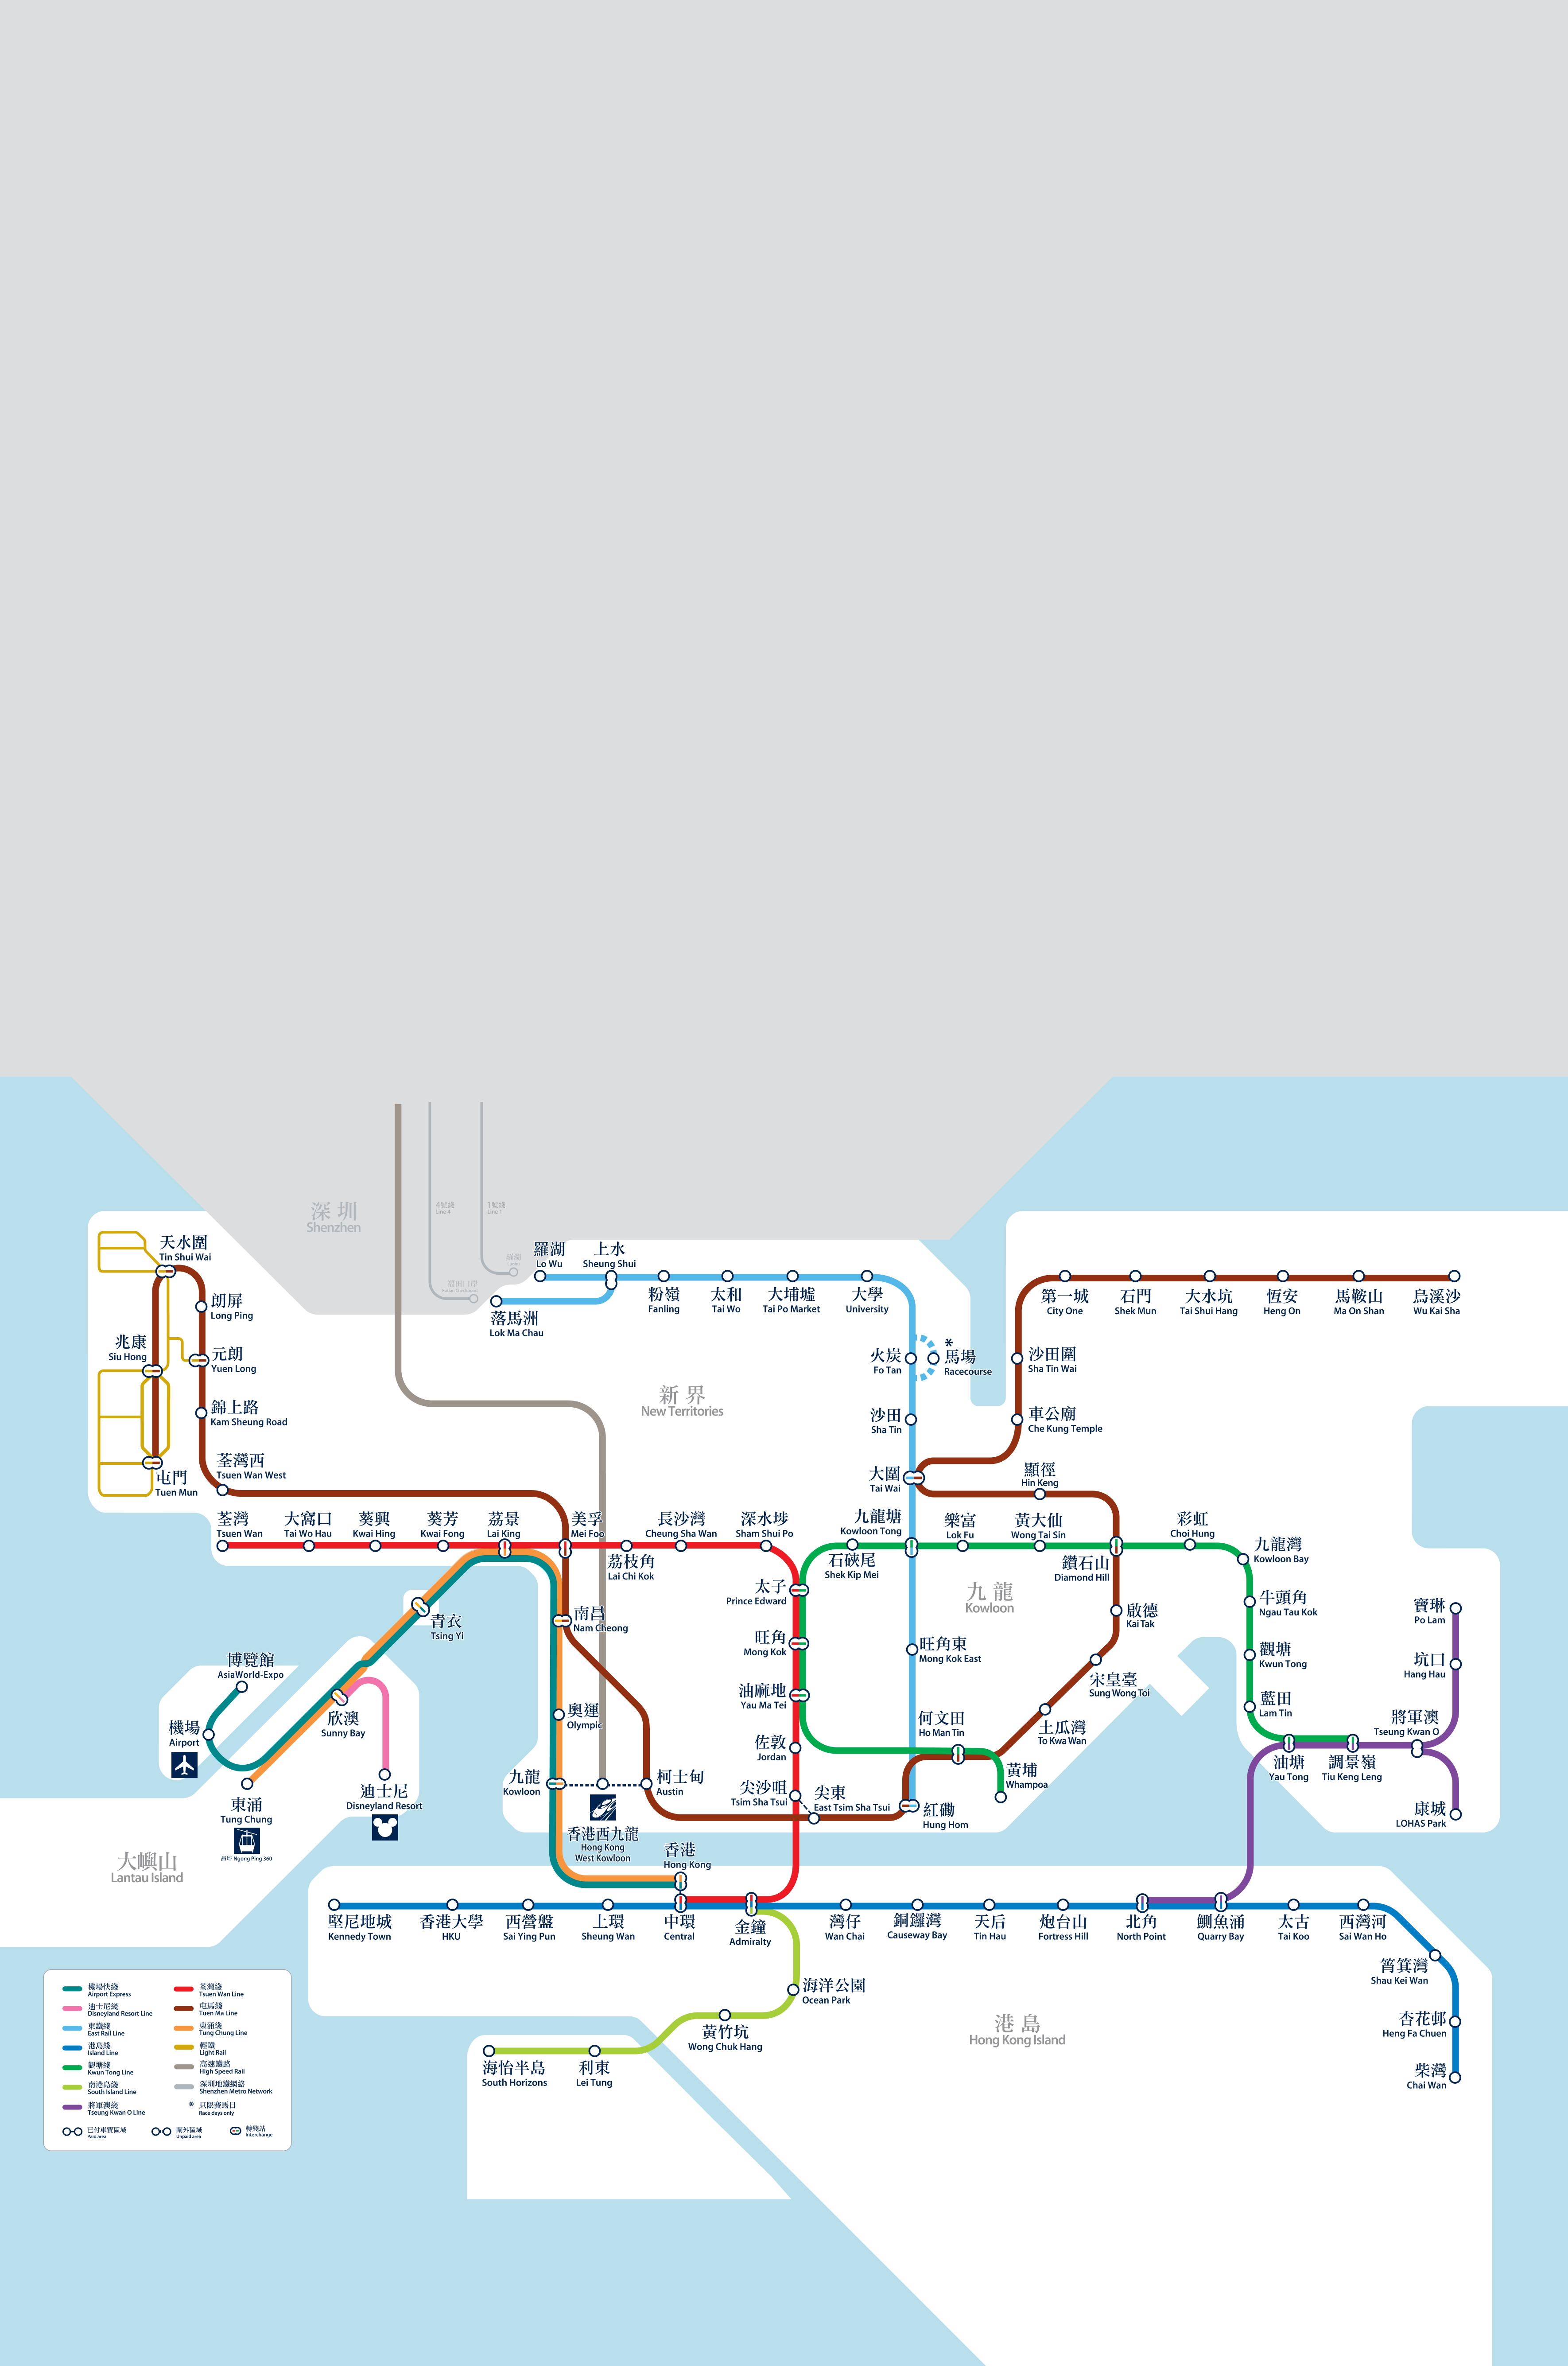 MTR Train Trip Planner